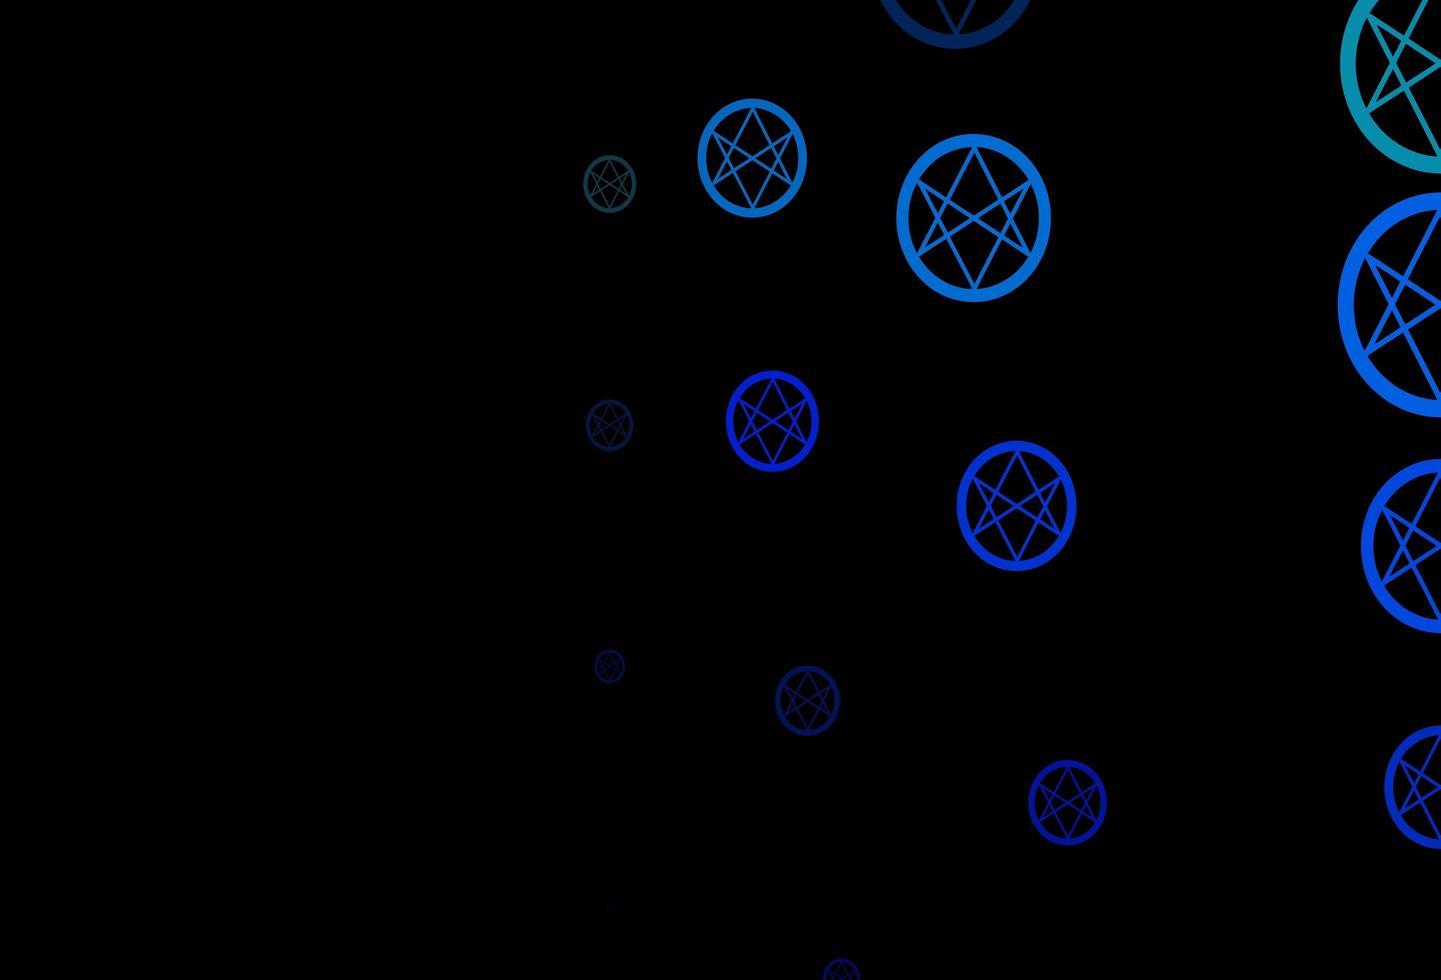 modello vettoriale blu scuro, verde con segni esoterici.